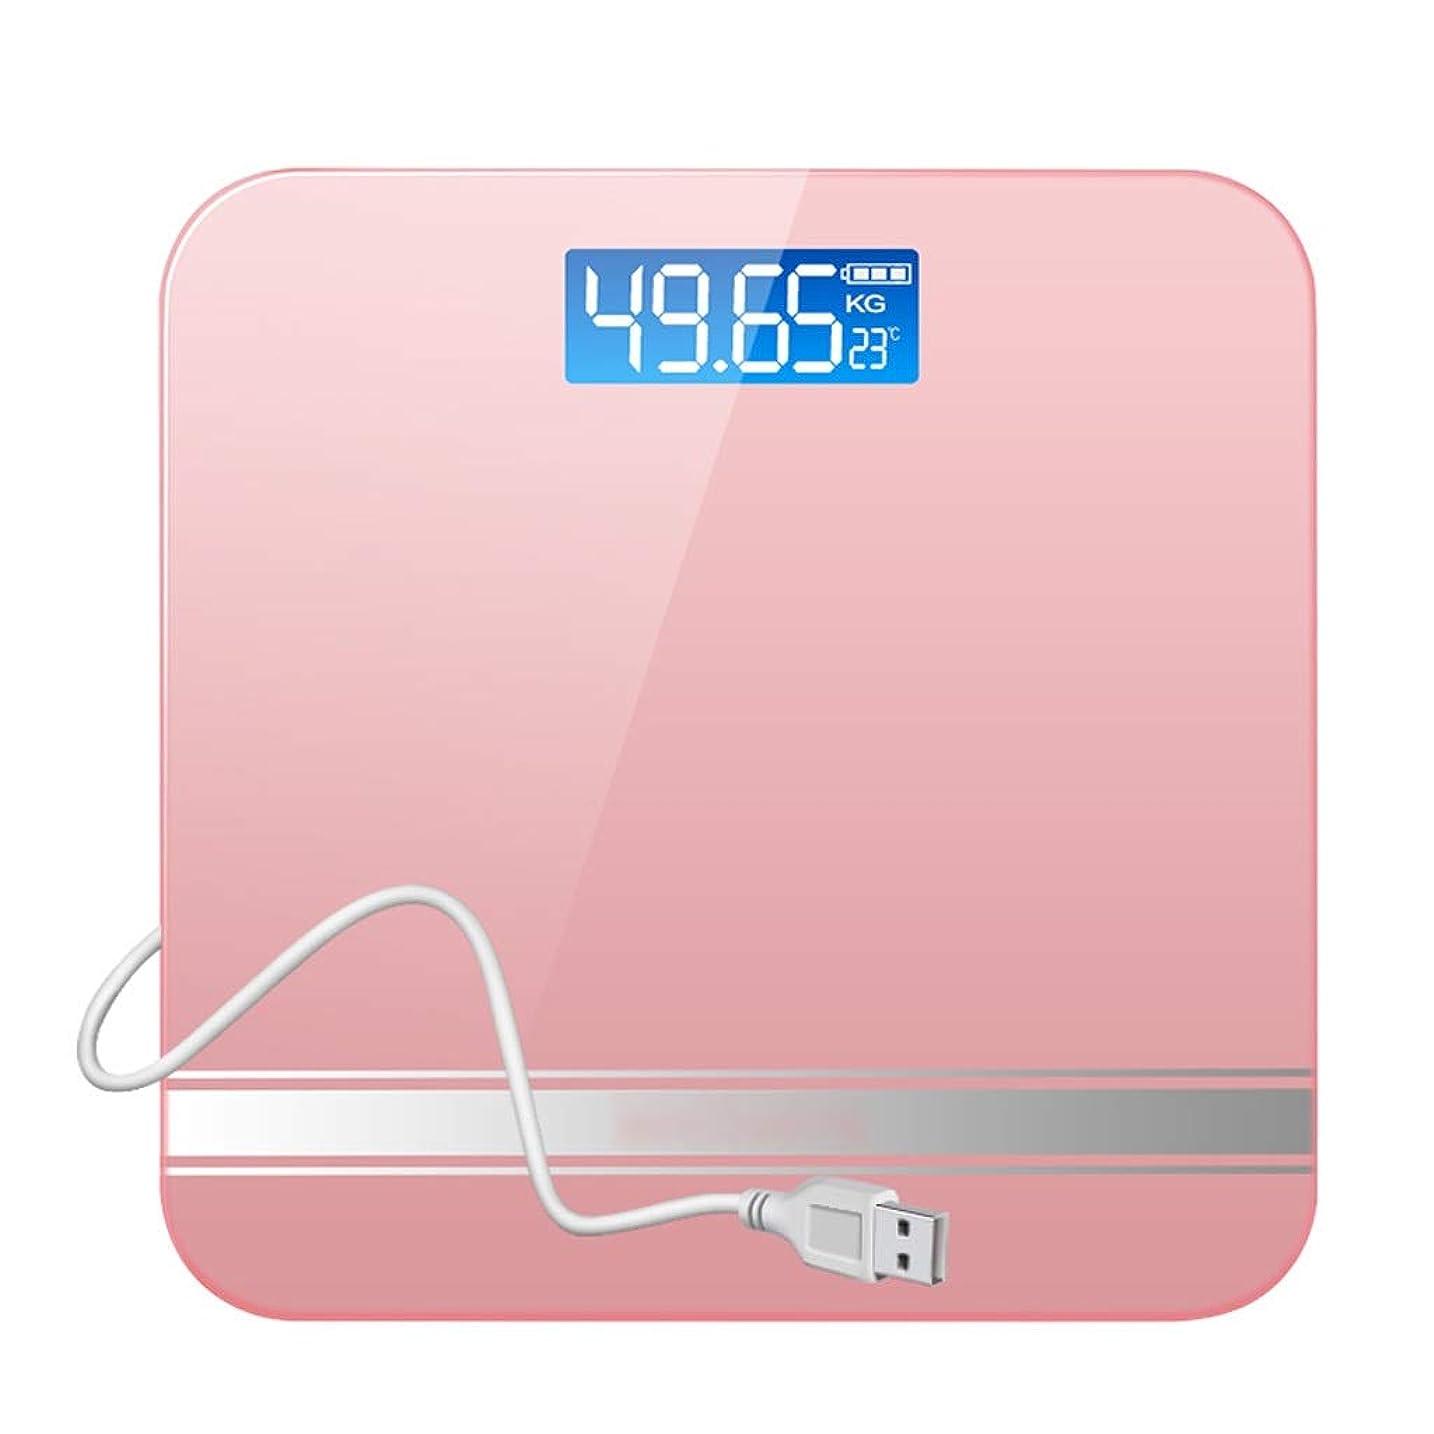 安いです光の気をつけて体重計USB充電デュアルユース計量電子計量スケール家庭用大人正確な人体重計量重量 ZHJING (Color : Pink)